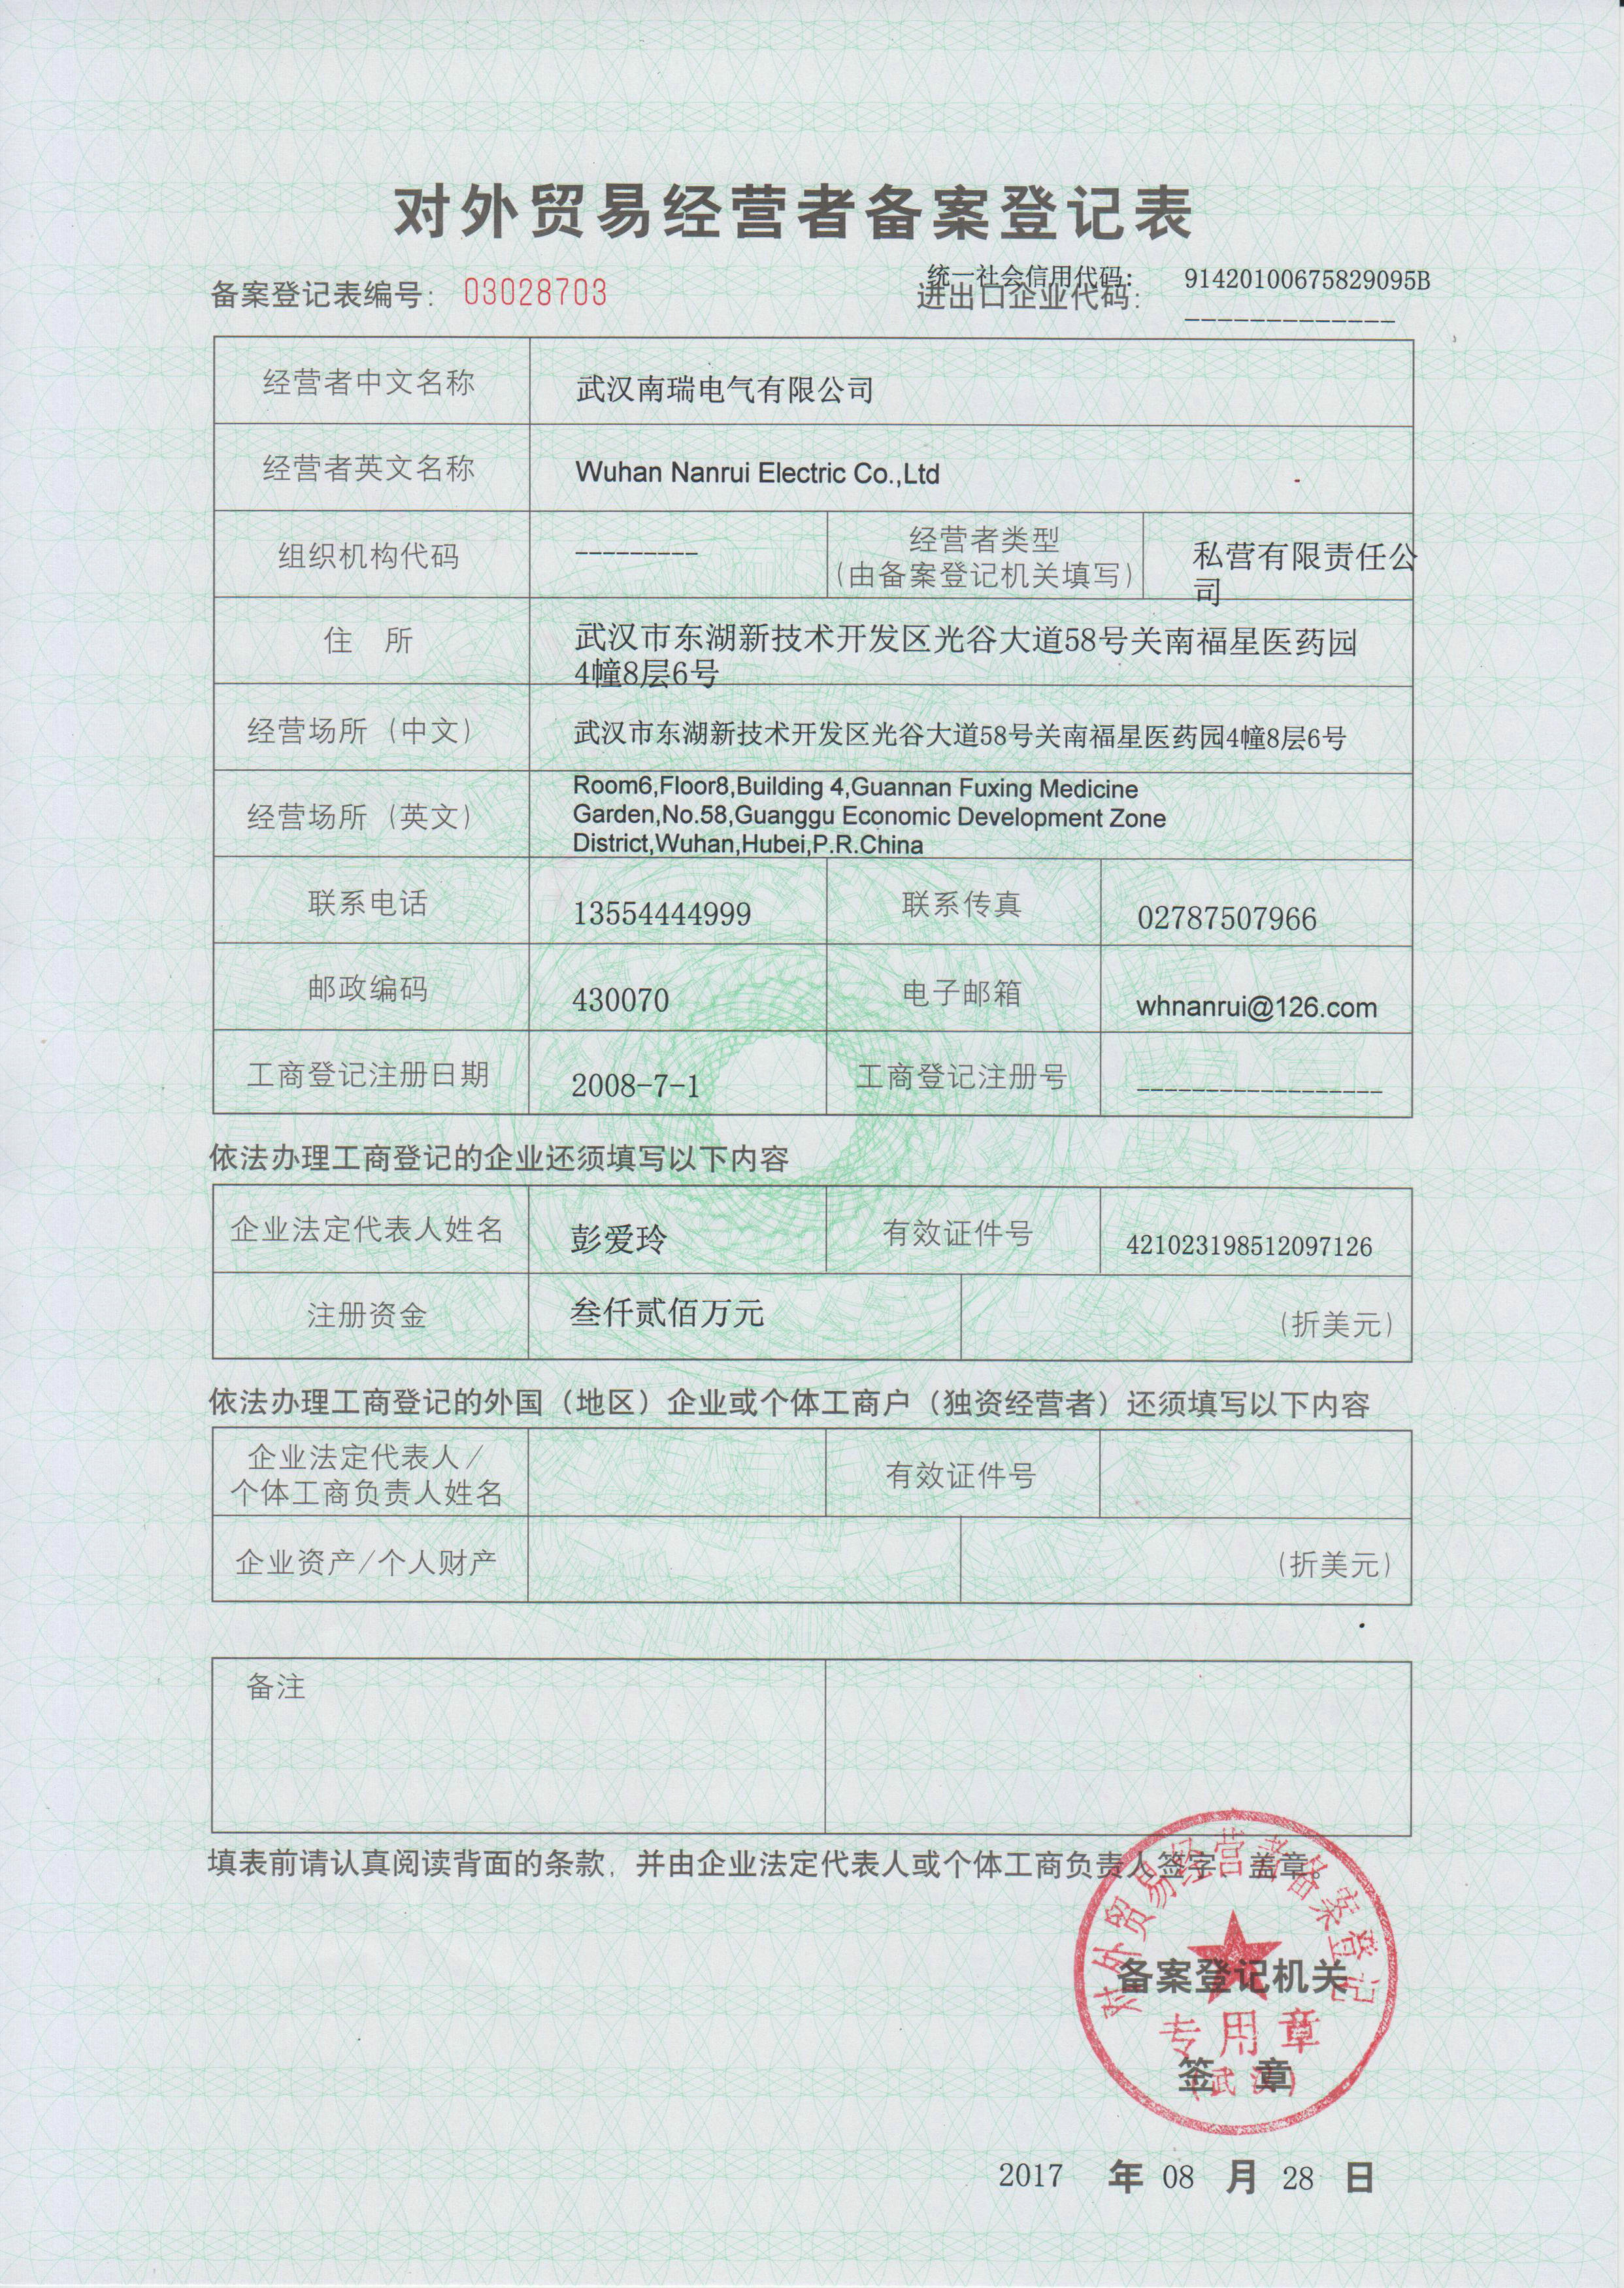 对外贸易经营这备案登记表